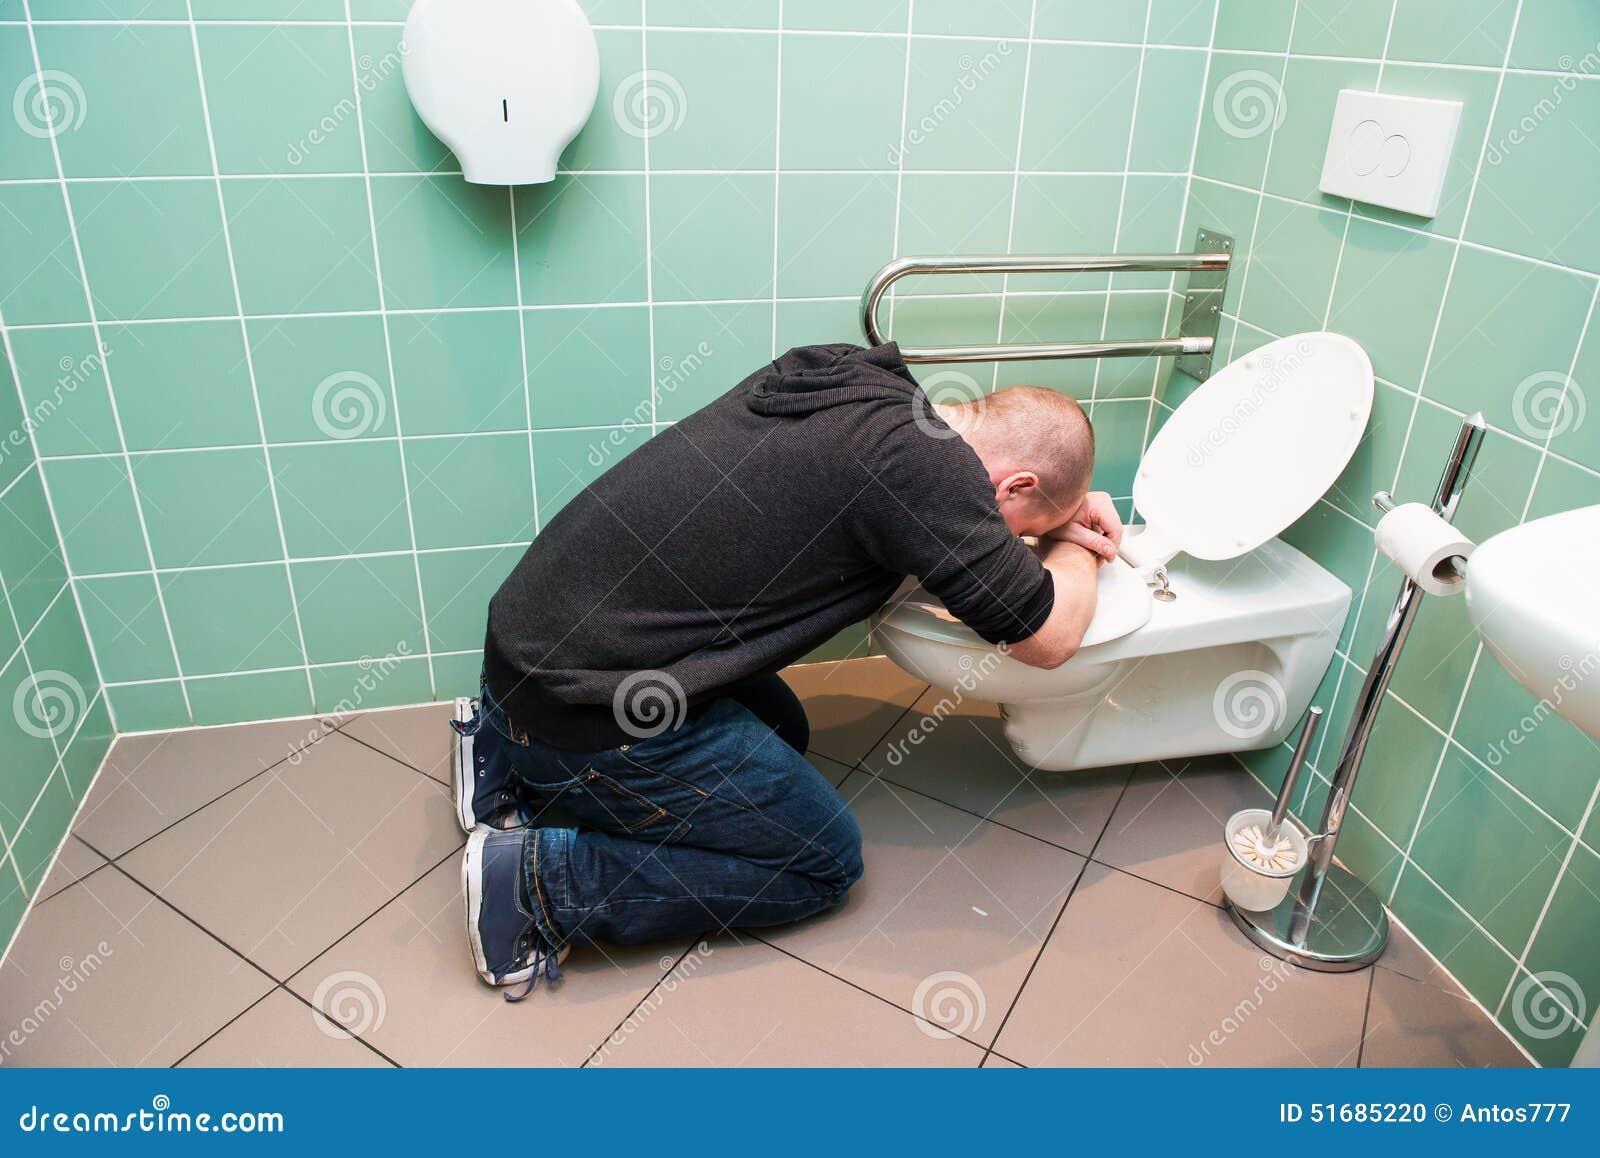 Пьяную ебут в туалет, Парни поимели пьяную тёлку в туалете клуба смотреть 26 фотография